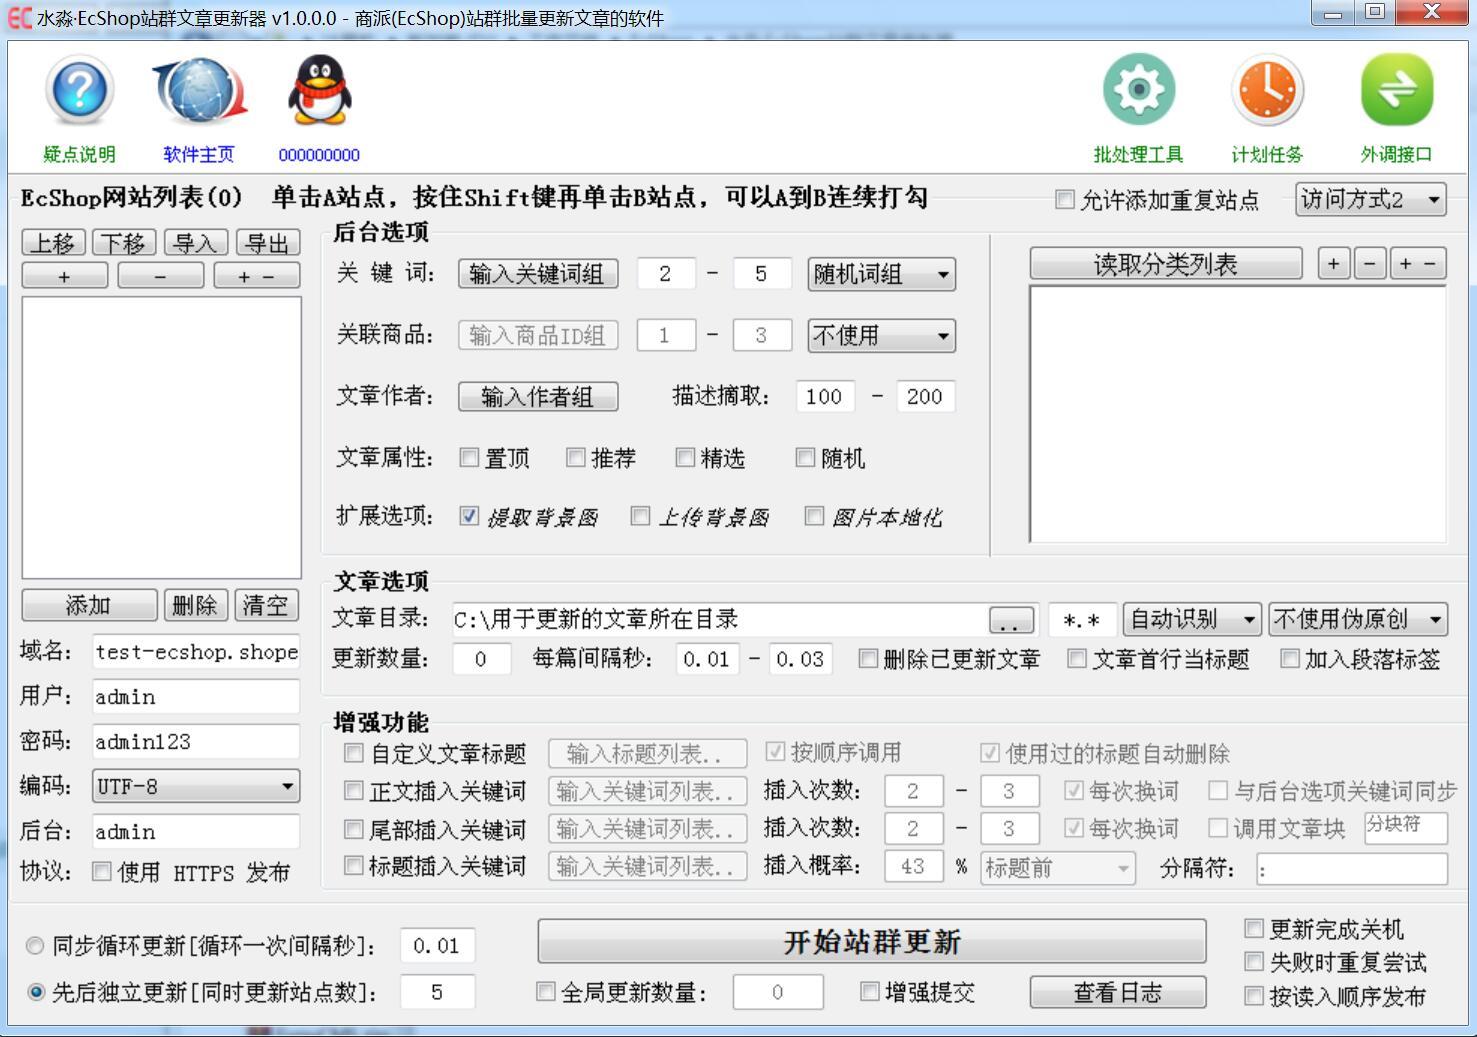 水淼・EcShop站群文章更新器 v1.0.2.0 - 商派(ECShop)文章批量